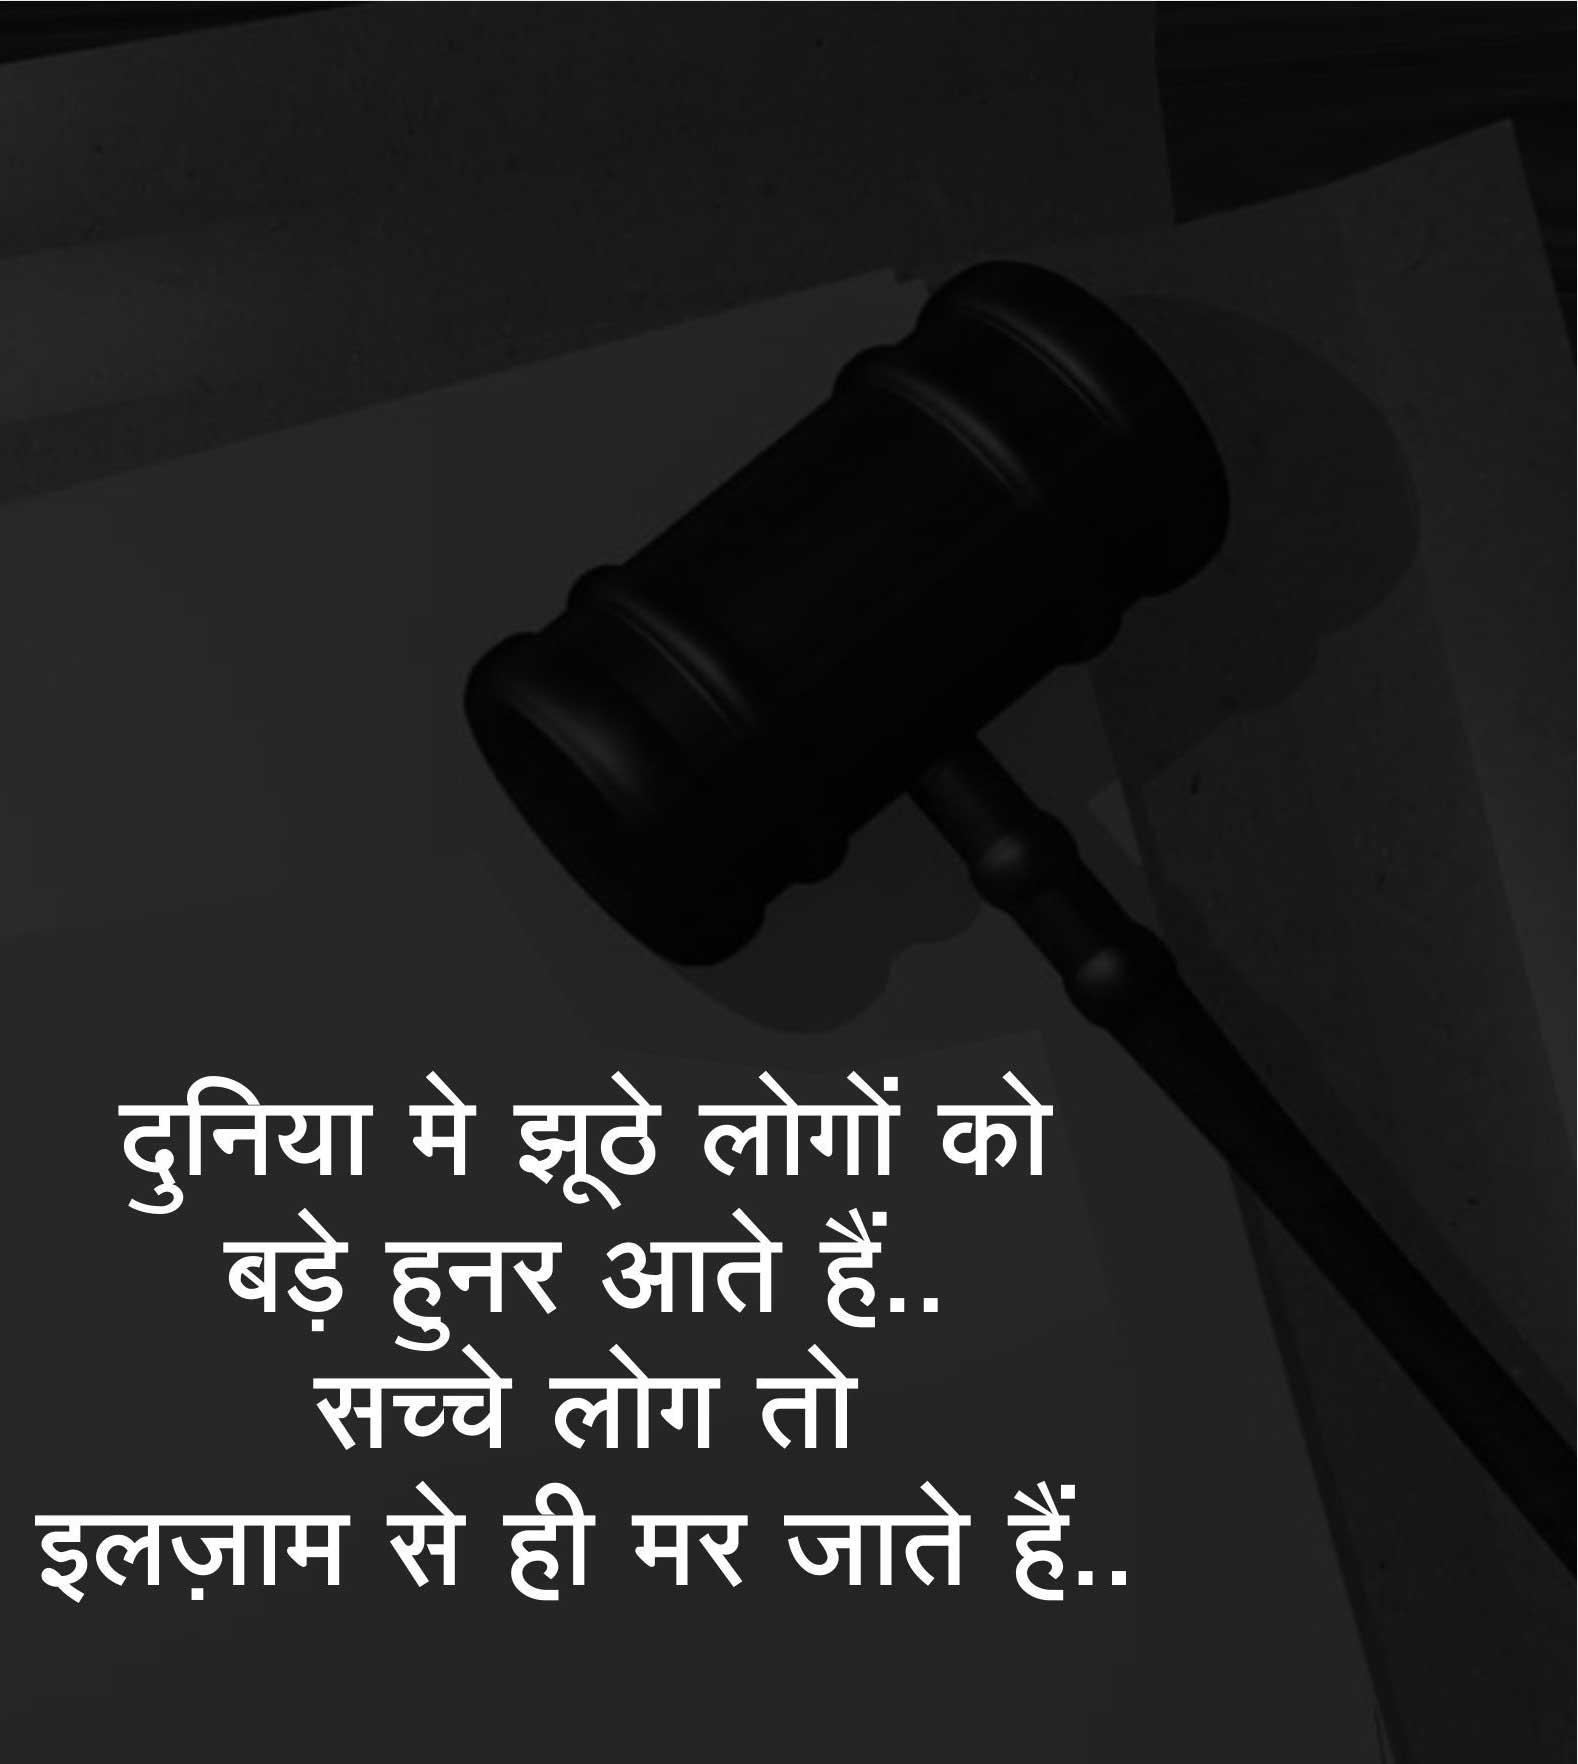 Hindi Love Whatsapp DP